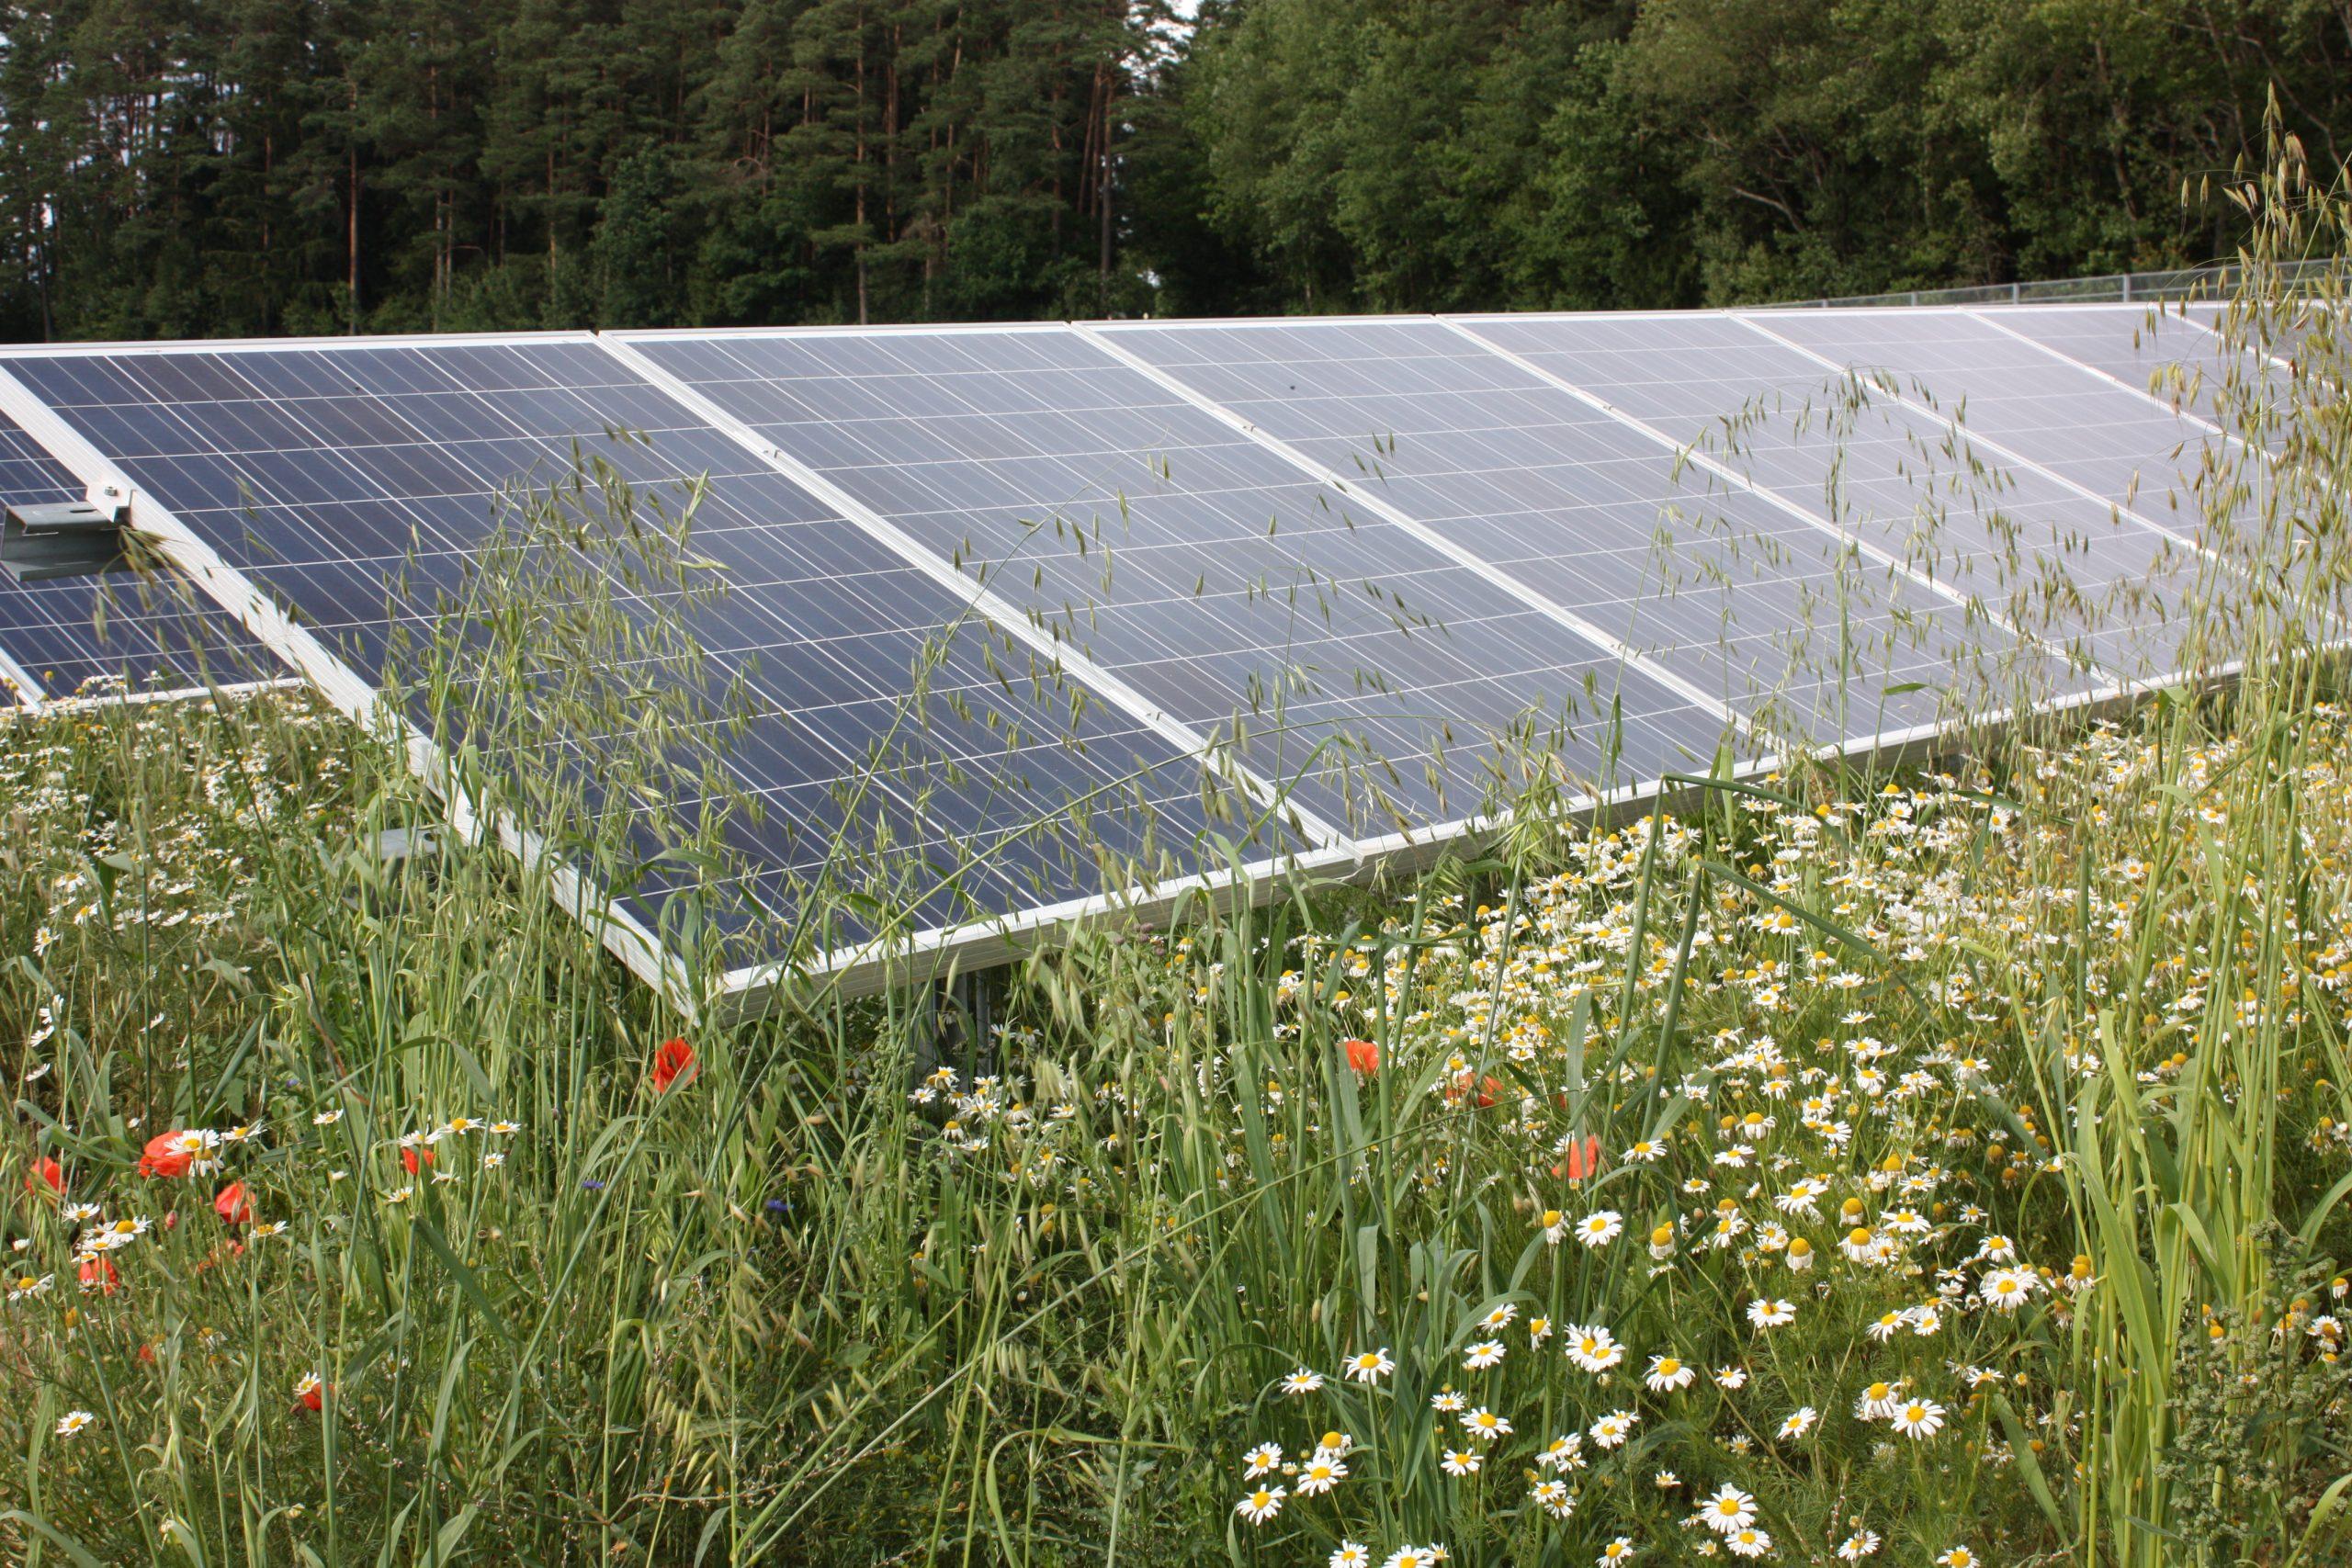 Fraunhofer ISE veröffentlicht Studie zur Entwicklung von PV-Anlagen